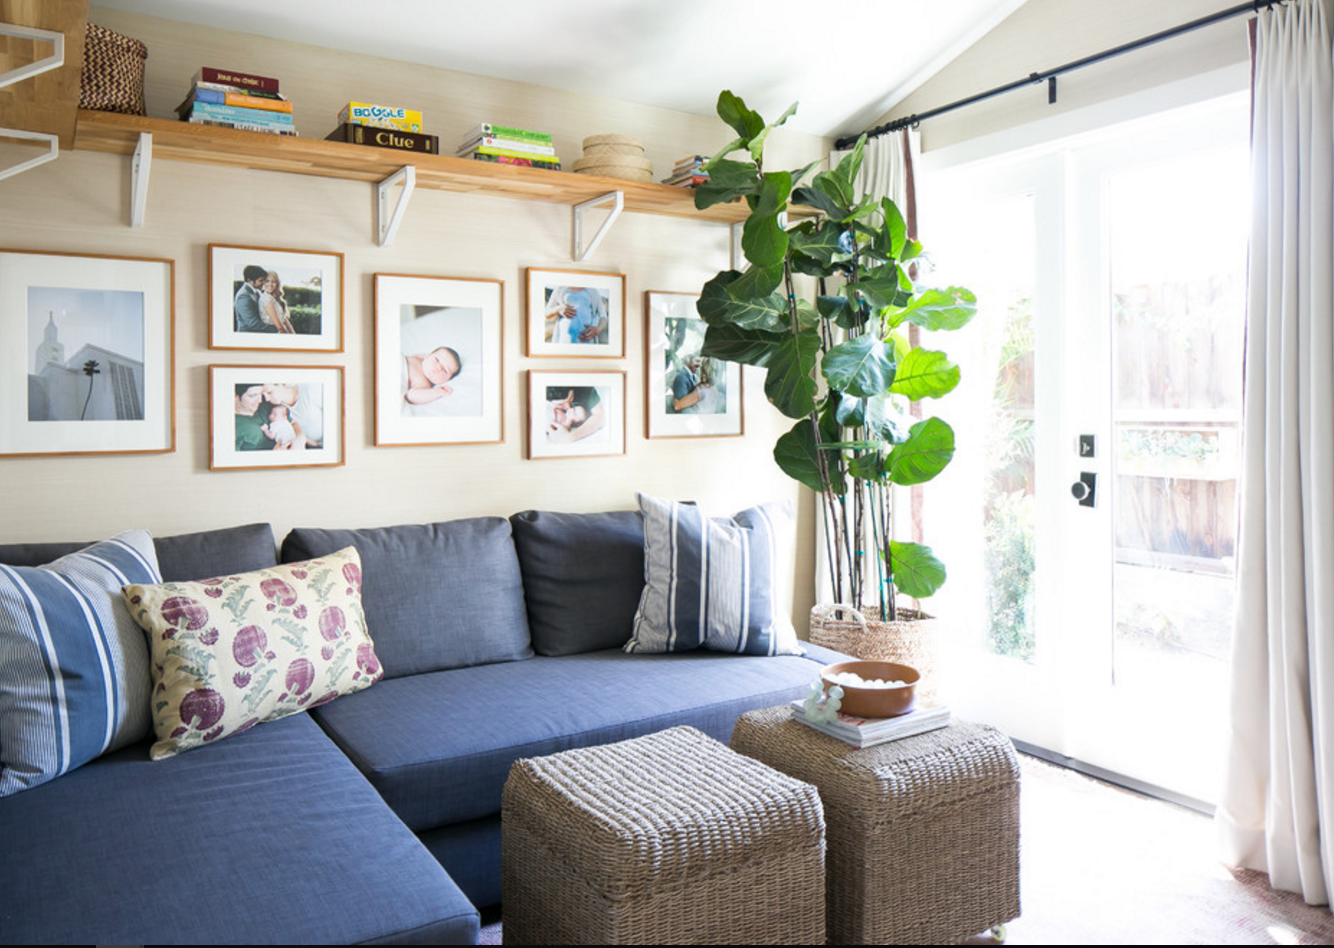 Come Disporre I Mobili Della Sala : Come arredare un soggiorno piccolo: consigli utili per sfruttare al